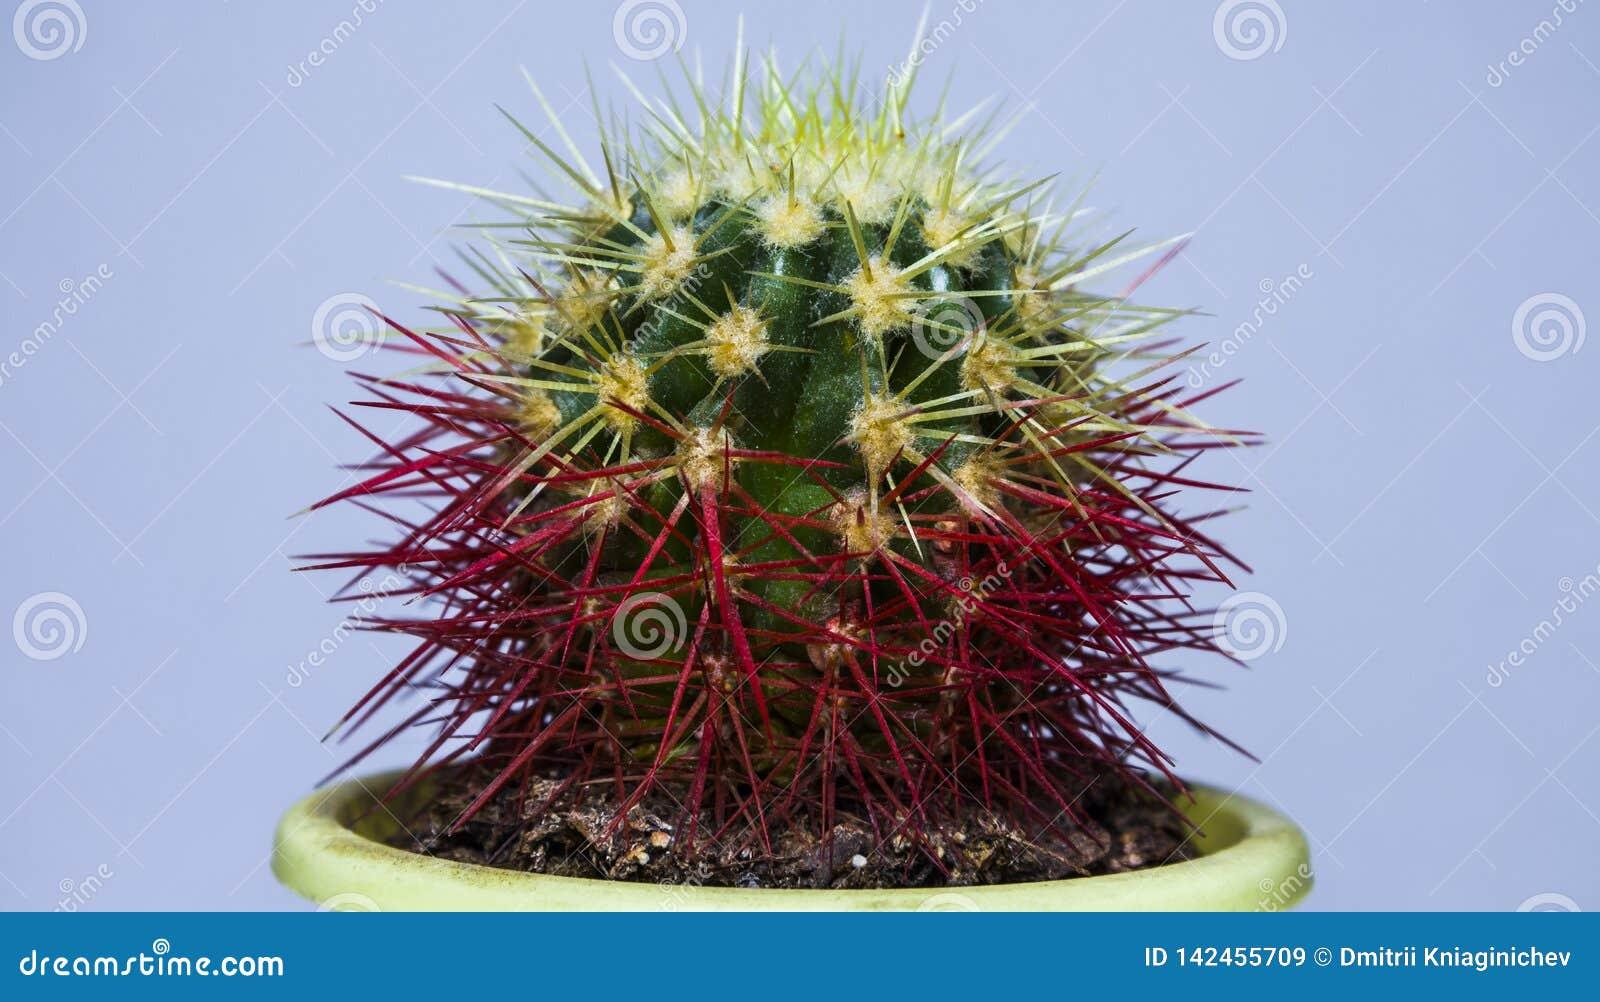 Kleine cactus De mening van de close-up Op een witte achtergrond - Beelden